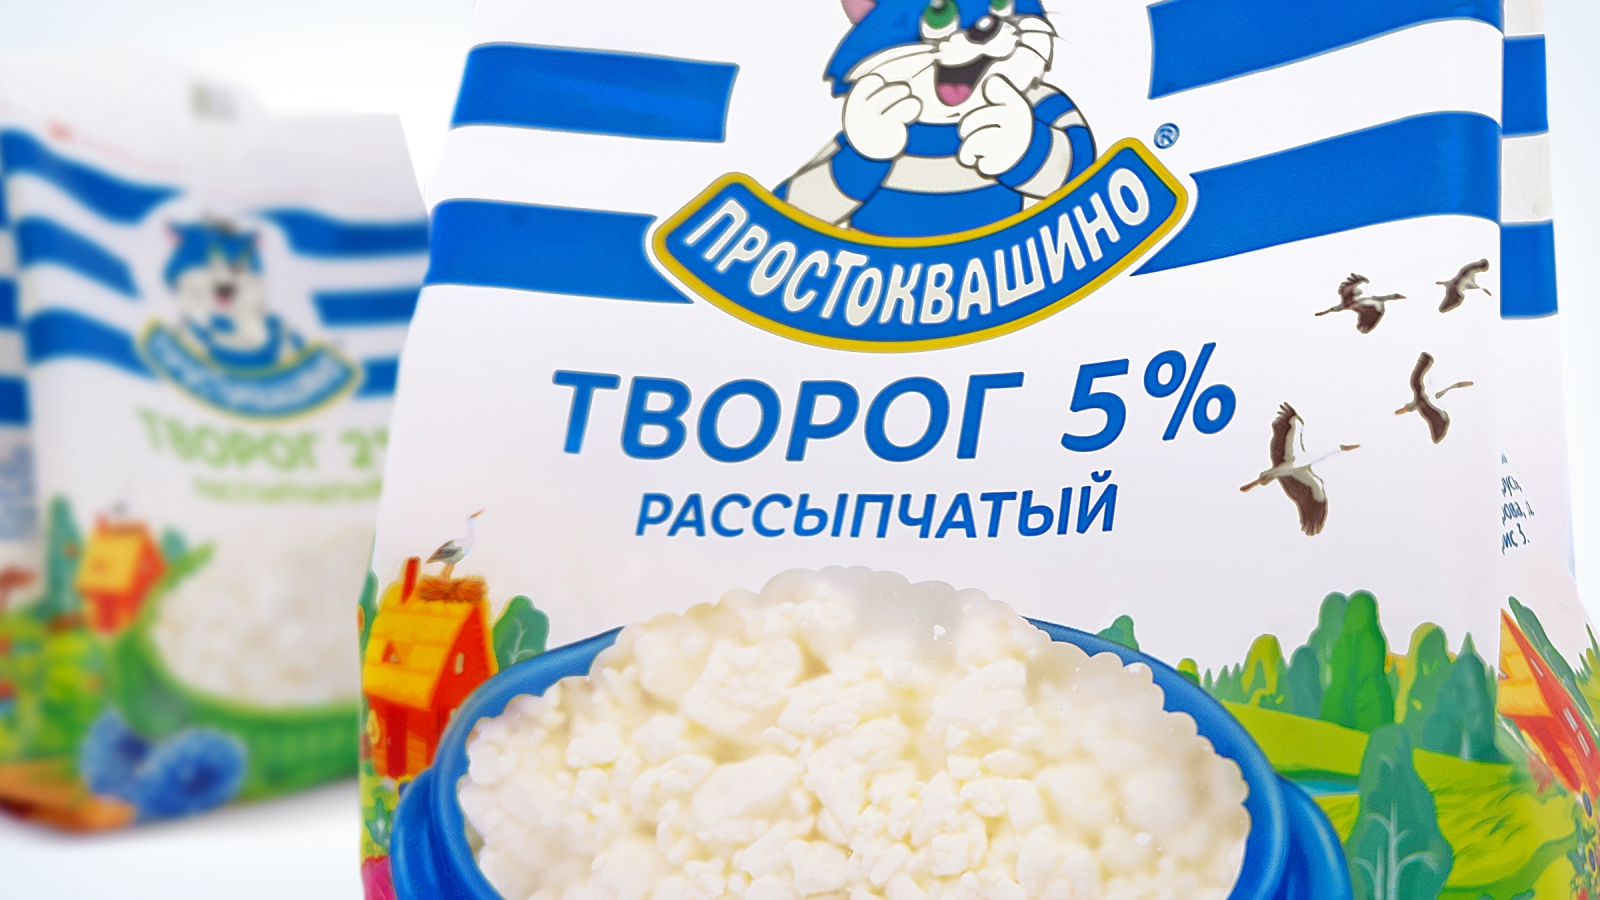 Творог белорусского бренда «Простоквашино»